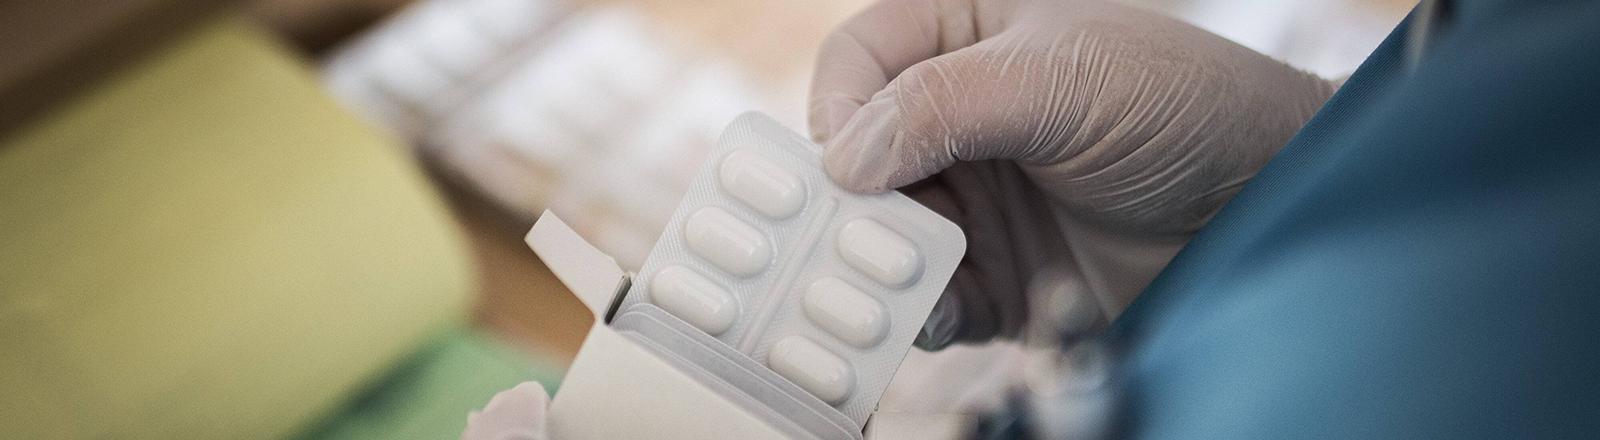 Eine Pflegekraft holt Tabletten aus einer Verpackung